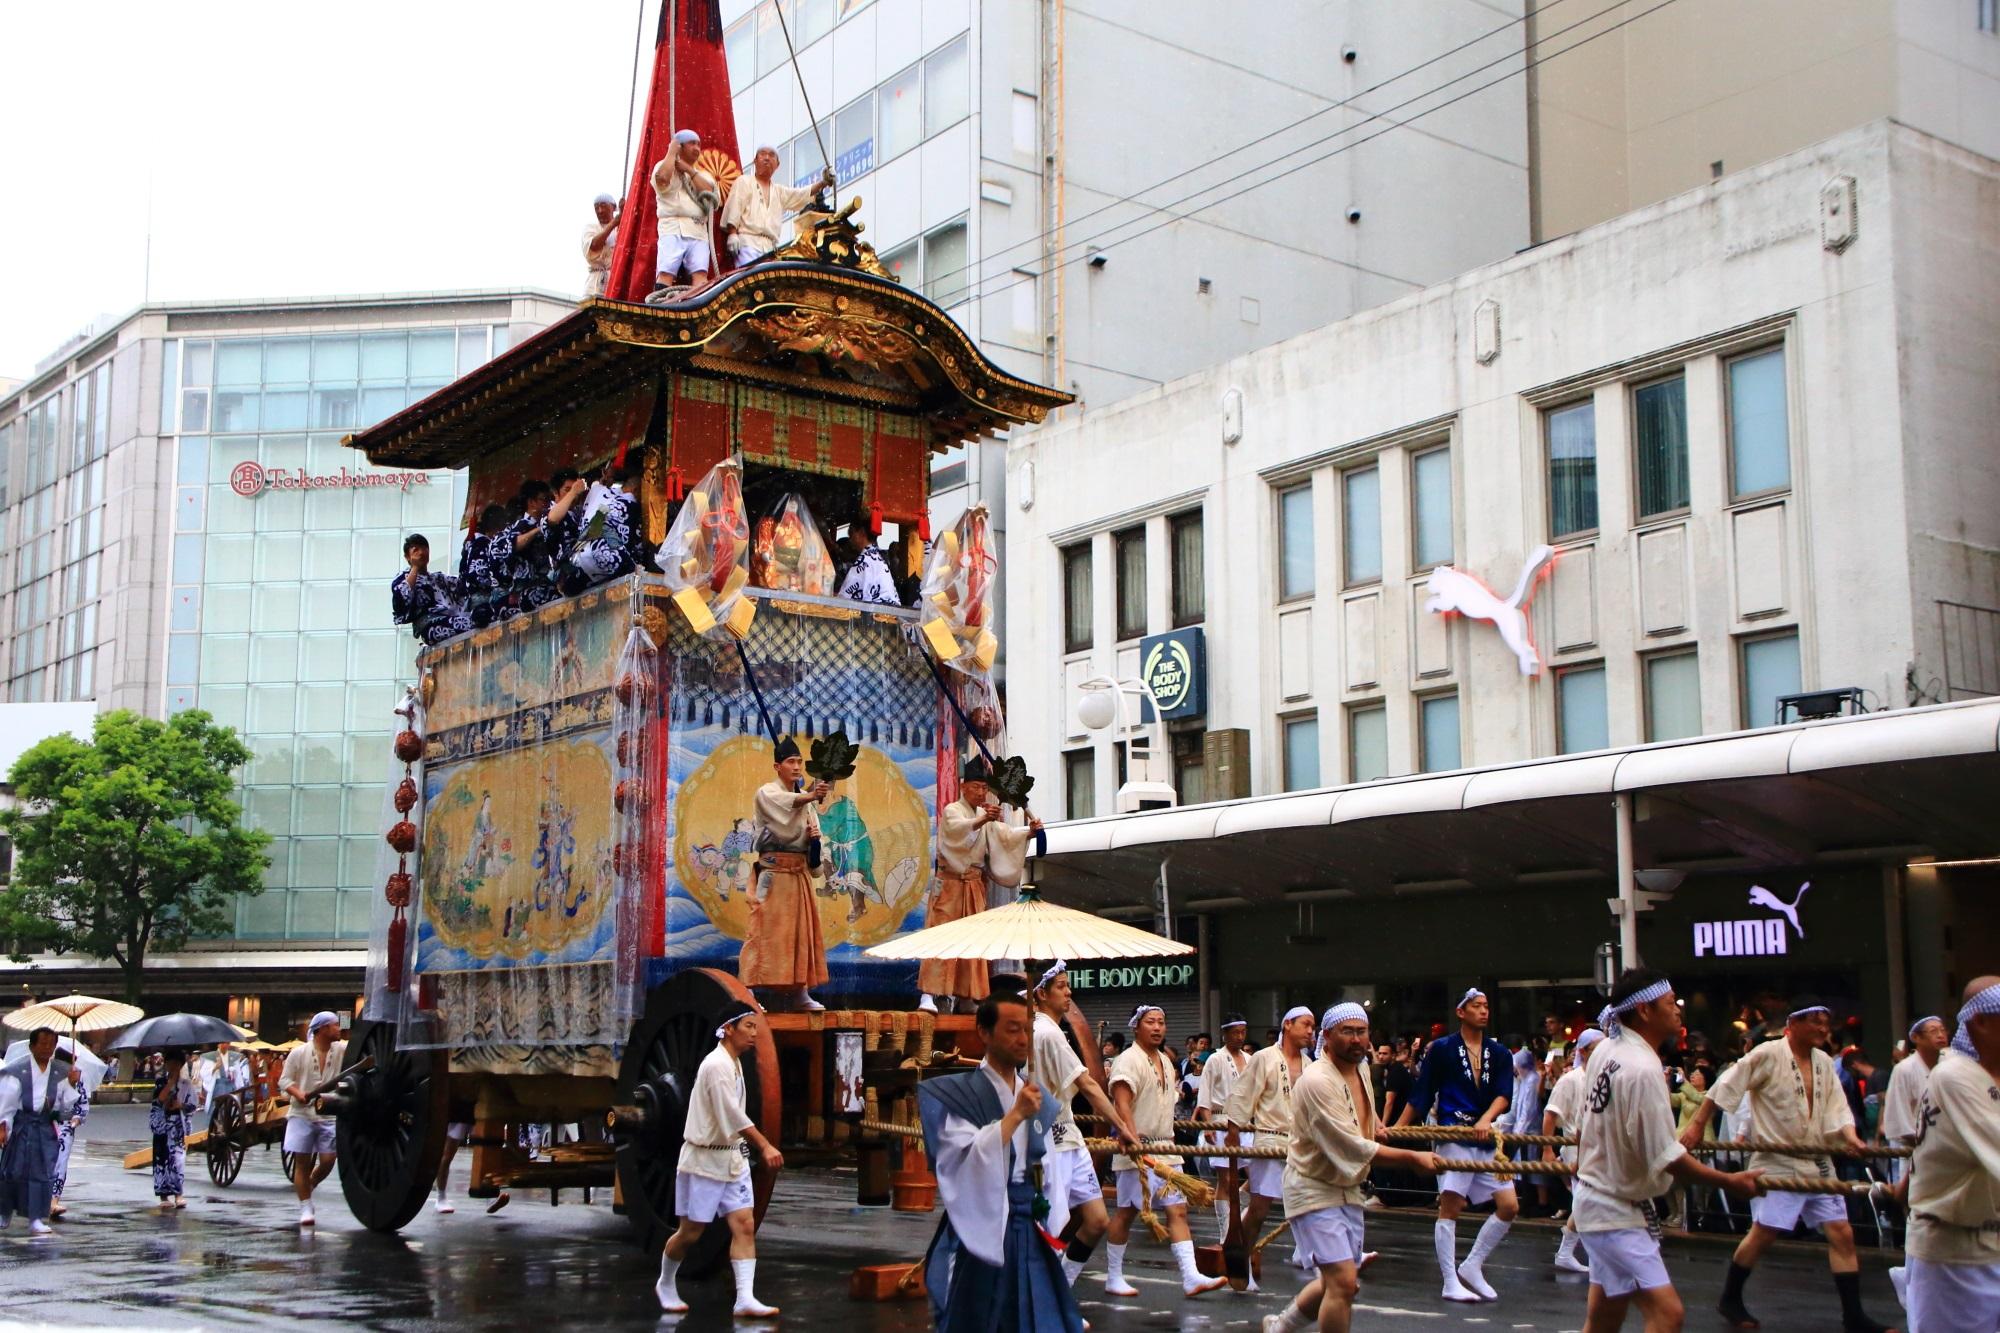 祇園祭の山鉾巡行の菊水鉾(きくすいほこ)